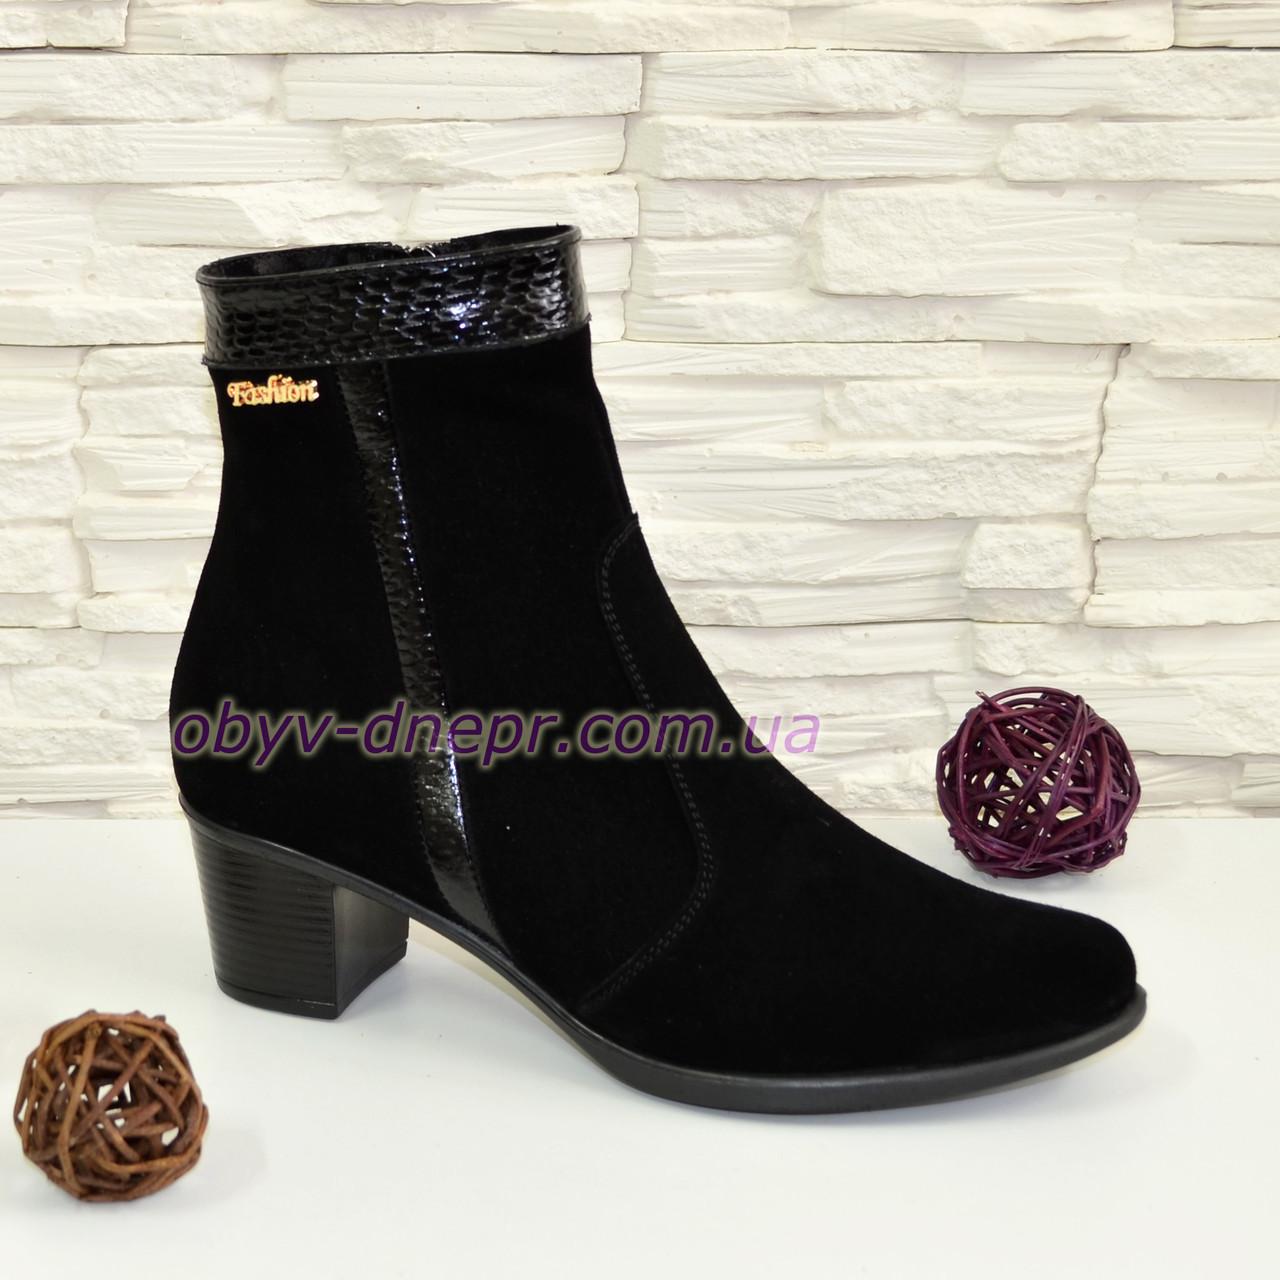 """Ботинки женские   черные на невысоком каблуке, натуральная замша и кожа с тиснением """"питон""""."""